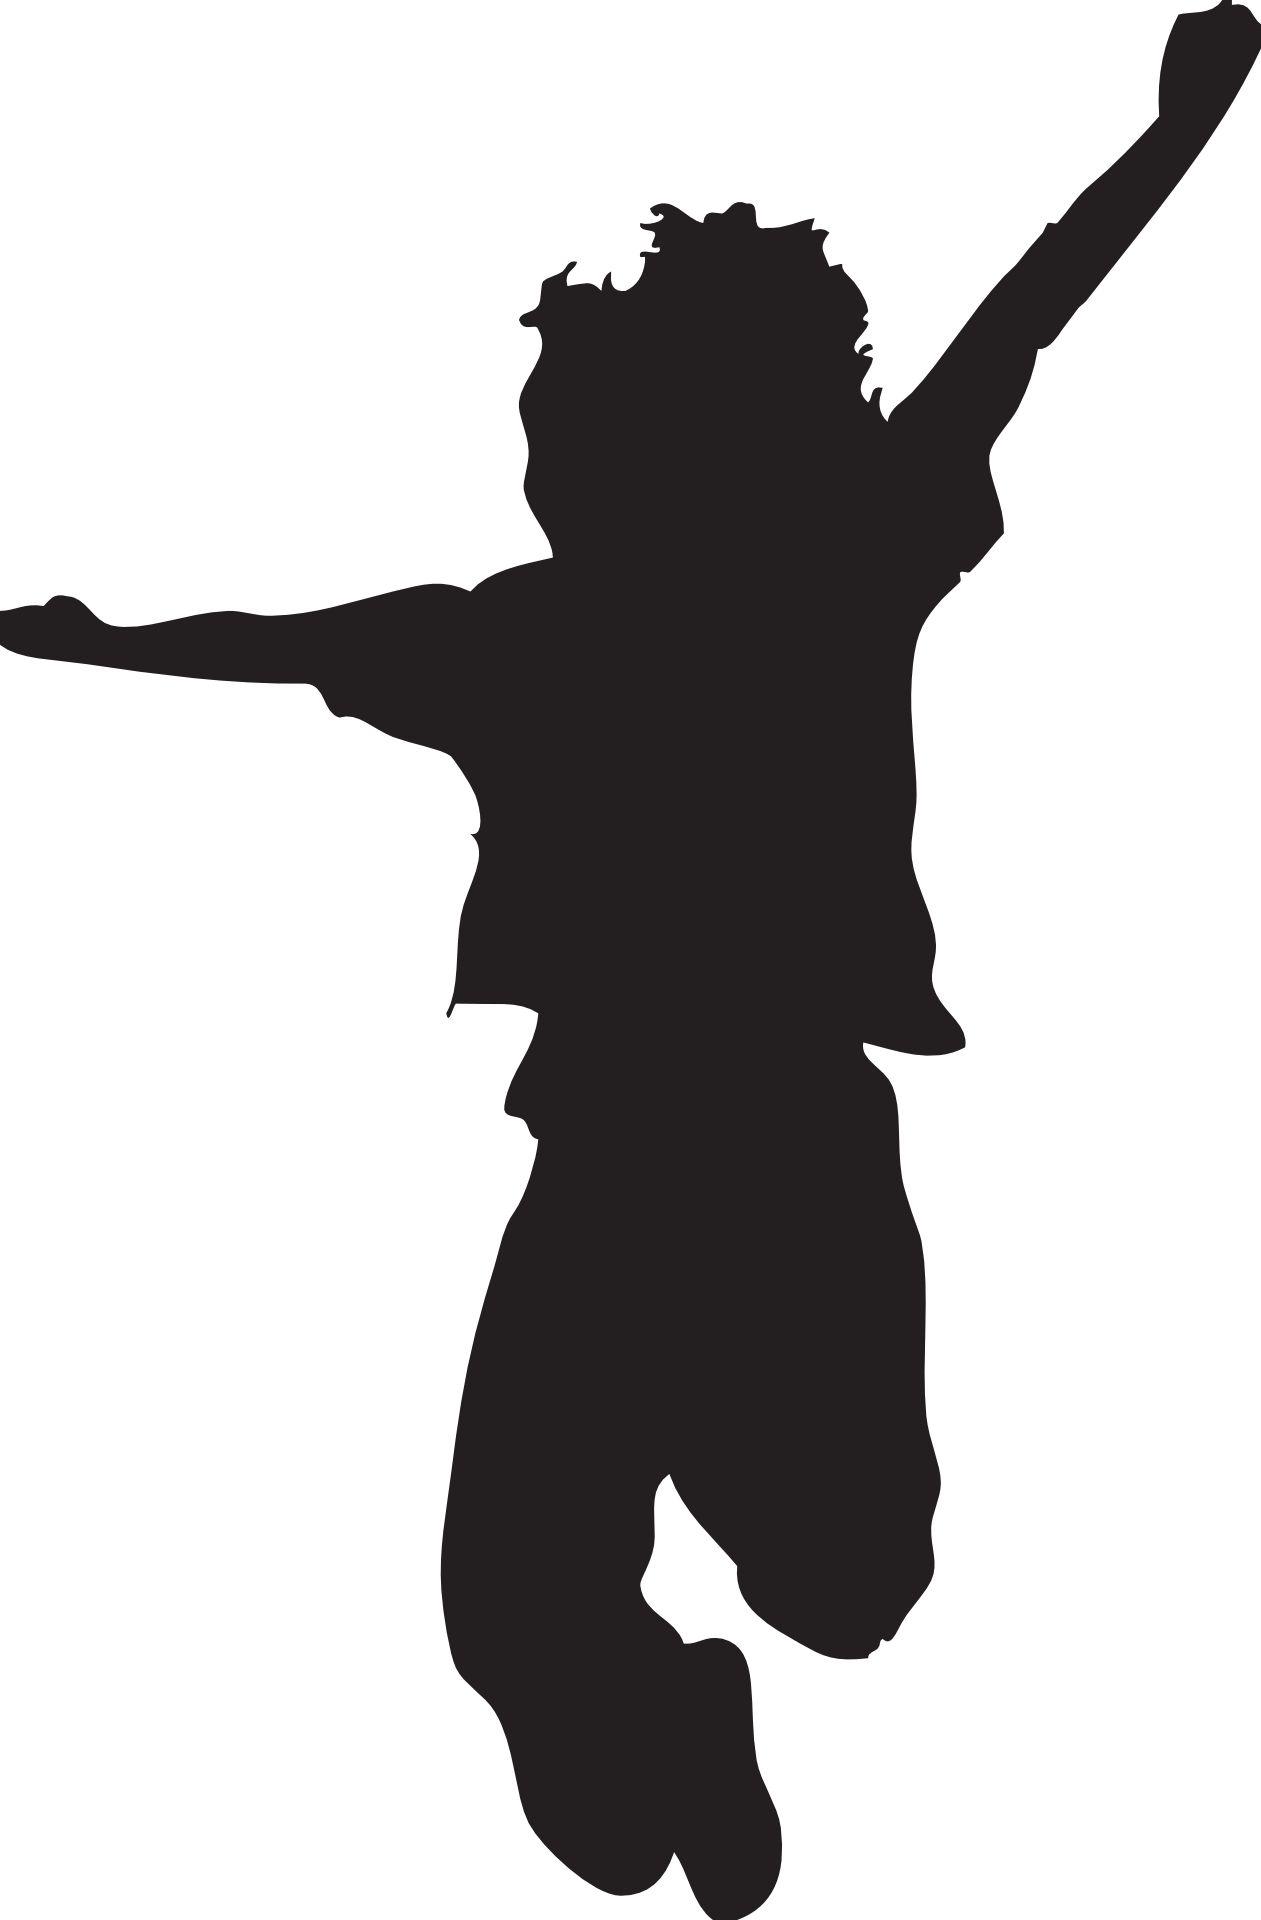 Toddler sillohette clipart clip freeuse library Jumping Silhouette Clipart - Clipart Kid | Silhouettes ... clip freeuse library